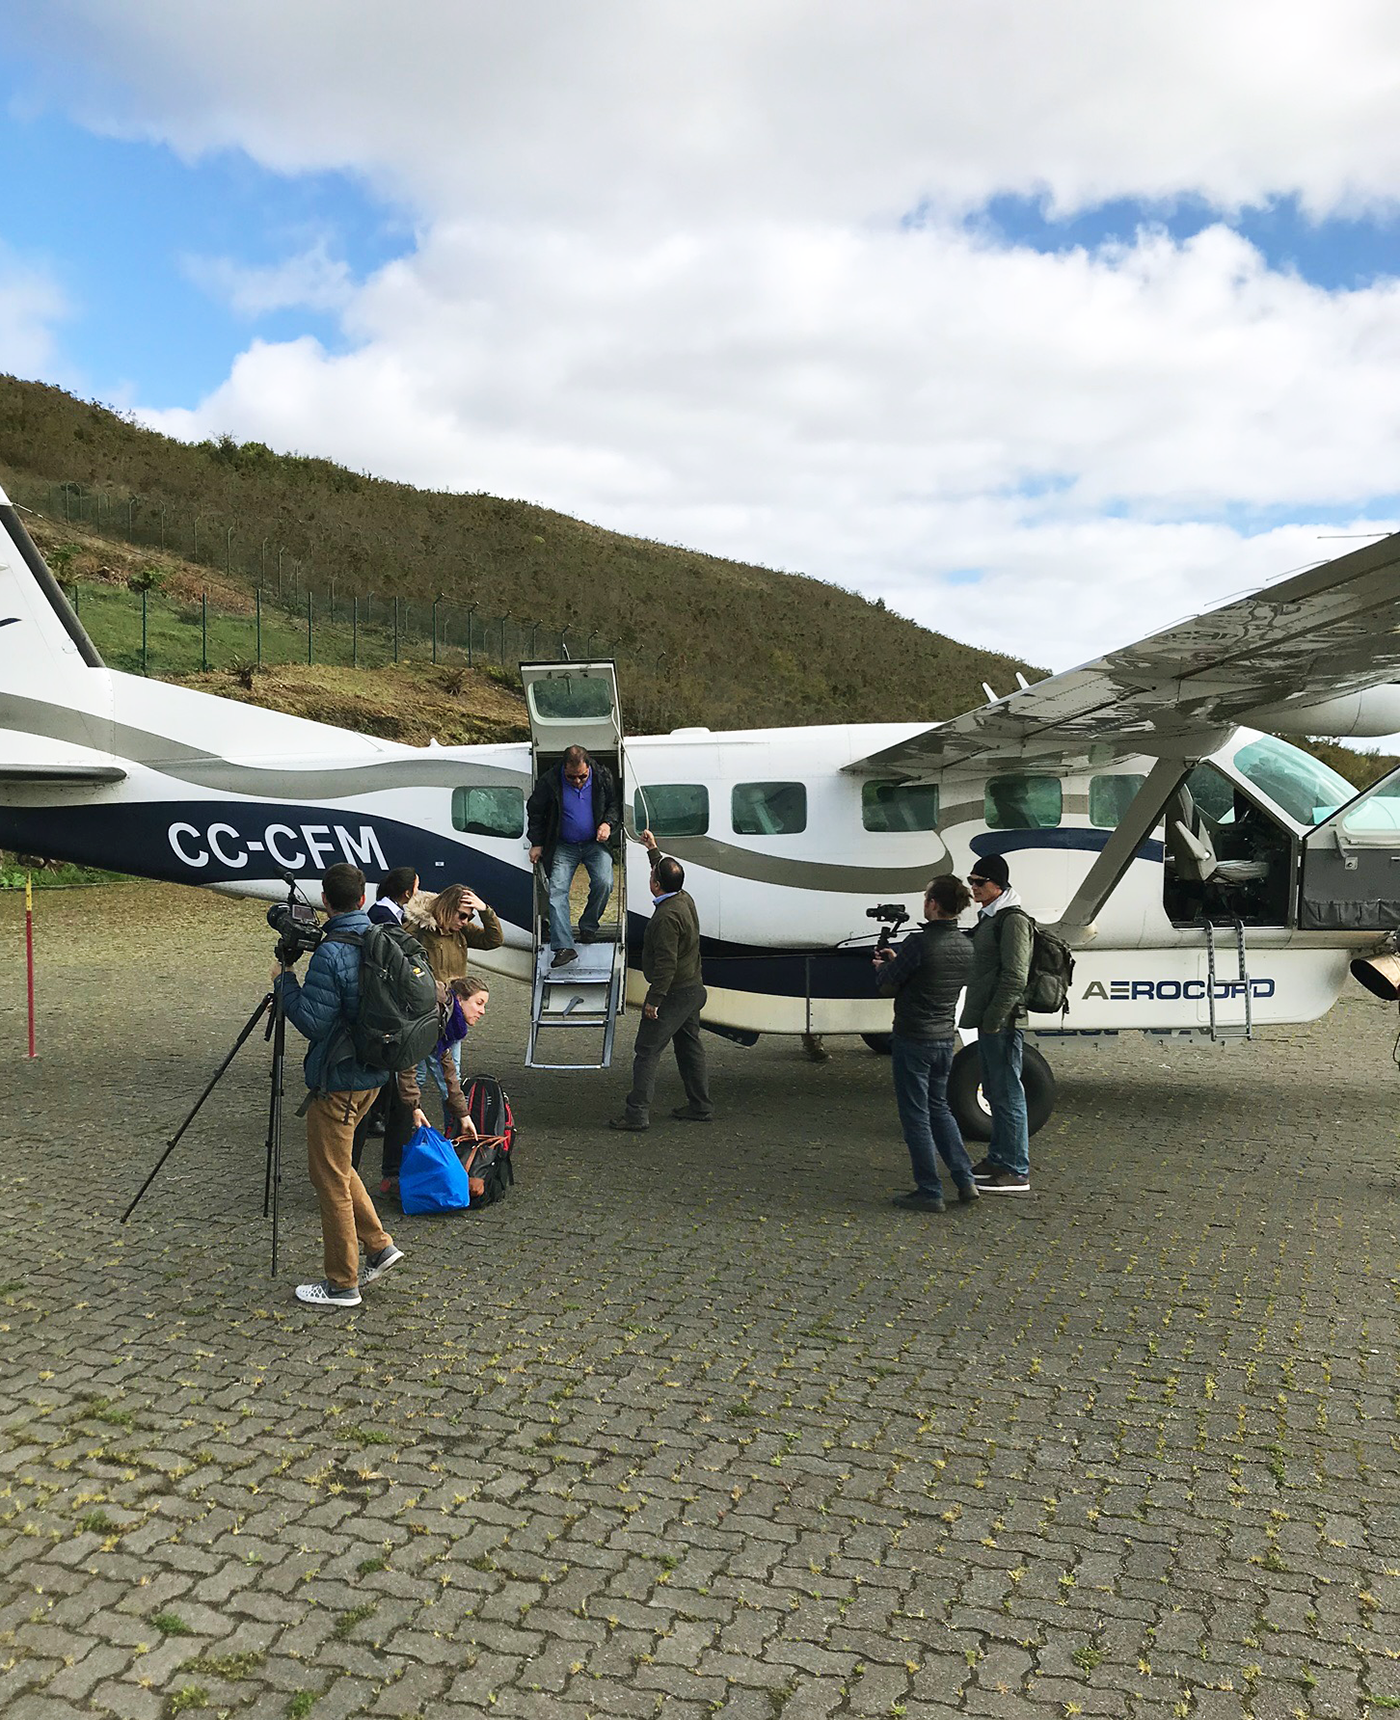 Landing in Puerto Montt